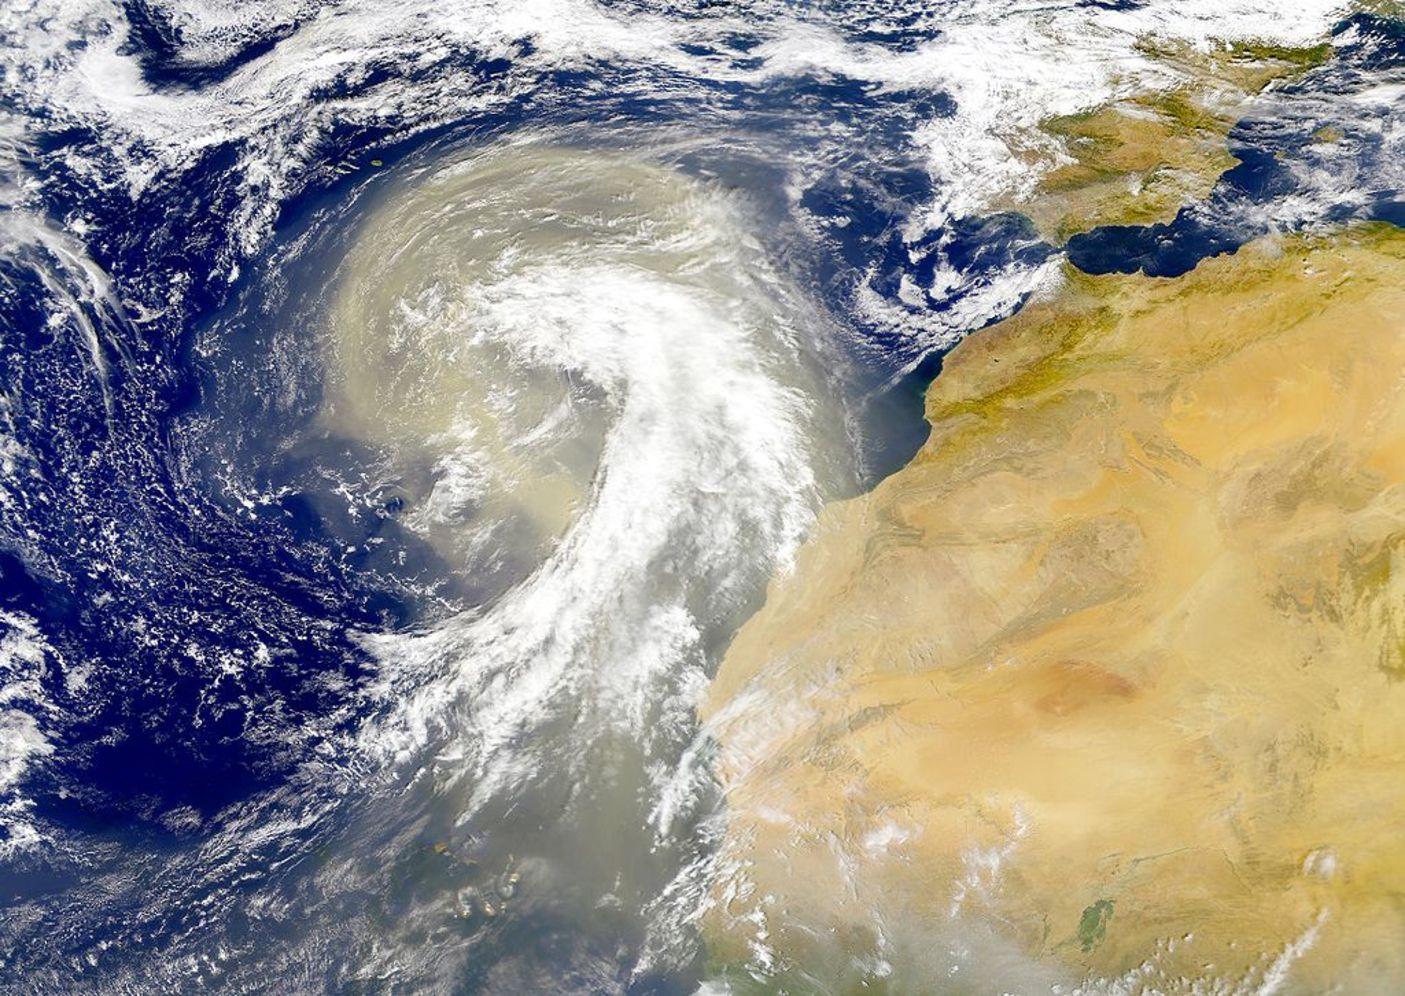 Las bacterias y los virus se depositan de regreso a la Tierra a través del polvo sahariano. NASA